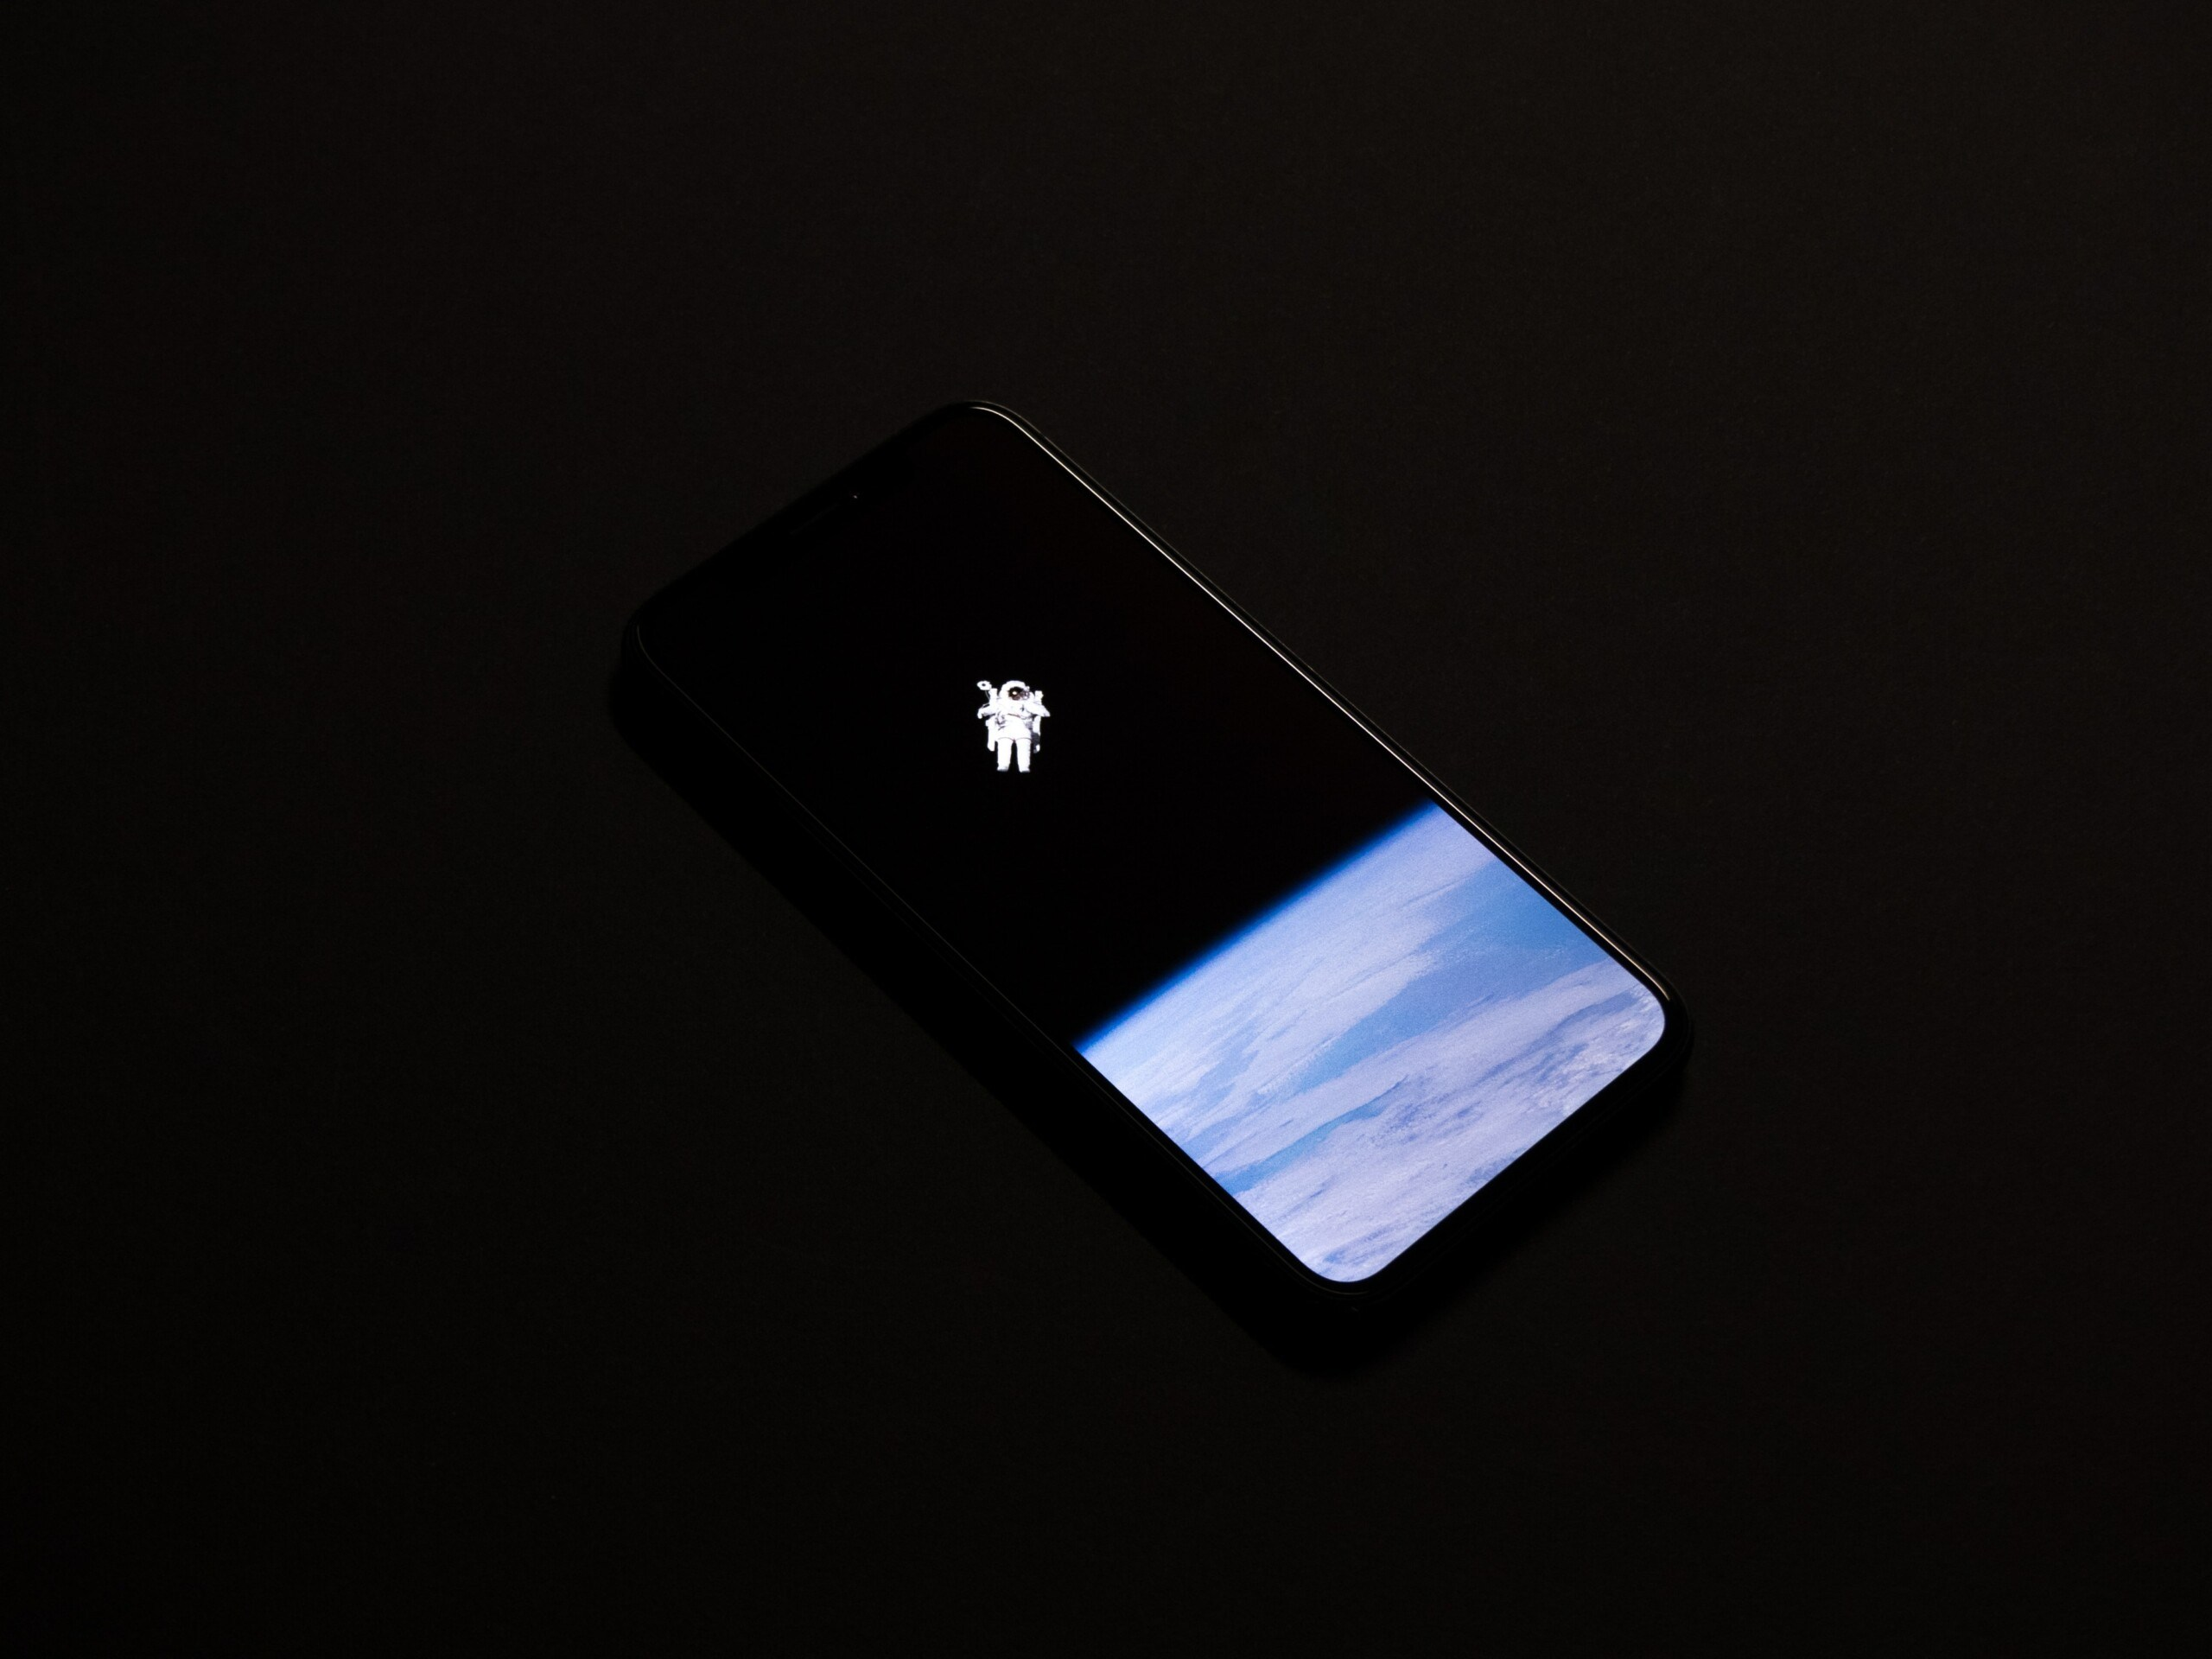 L'encoche de l'iPhone ne disparaîtrait qu'en 2023, elle aura survécu 6 ans chez Apple